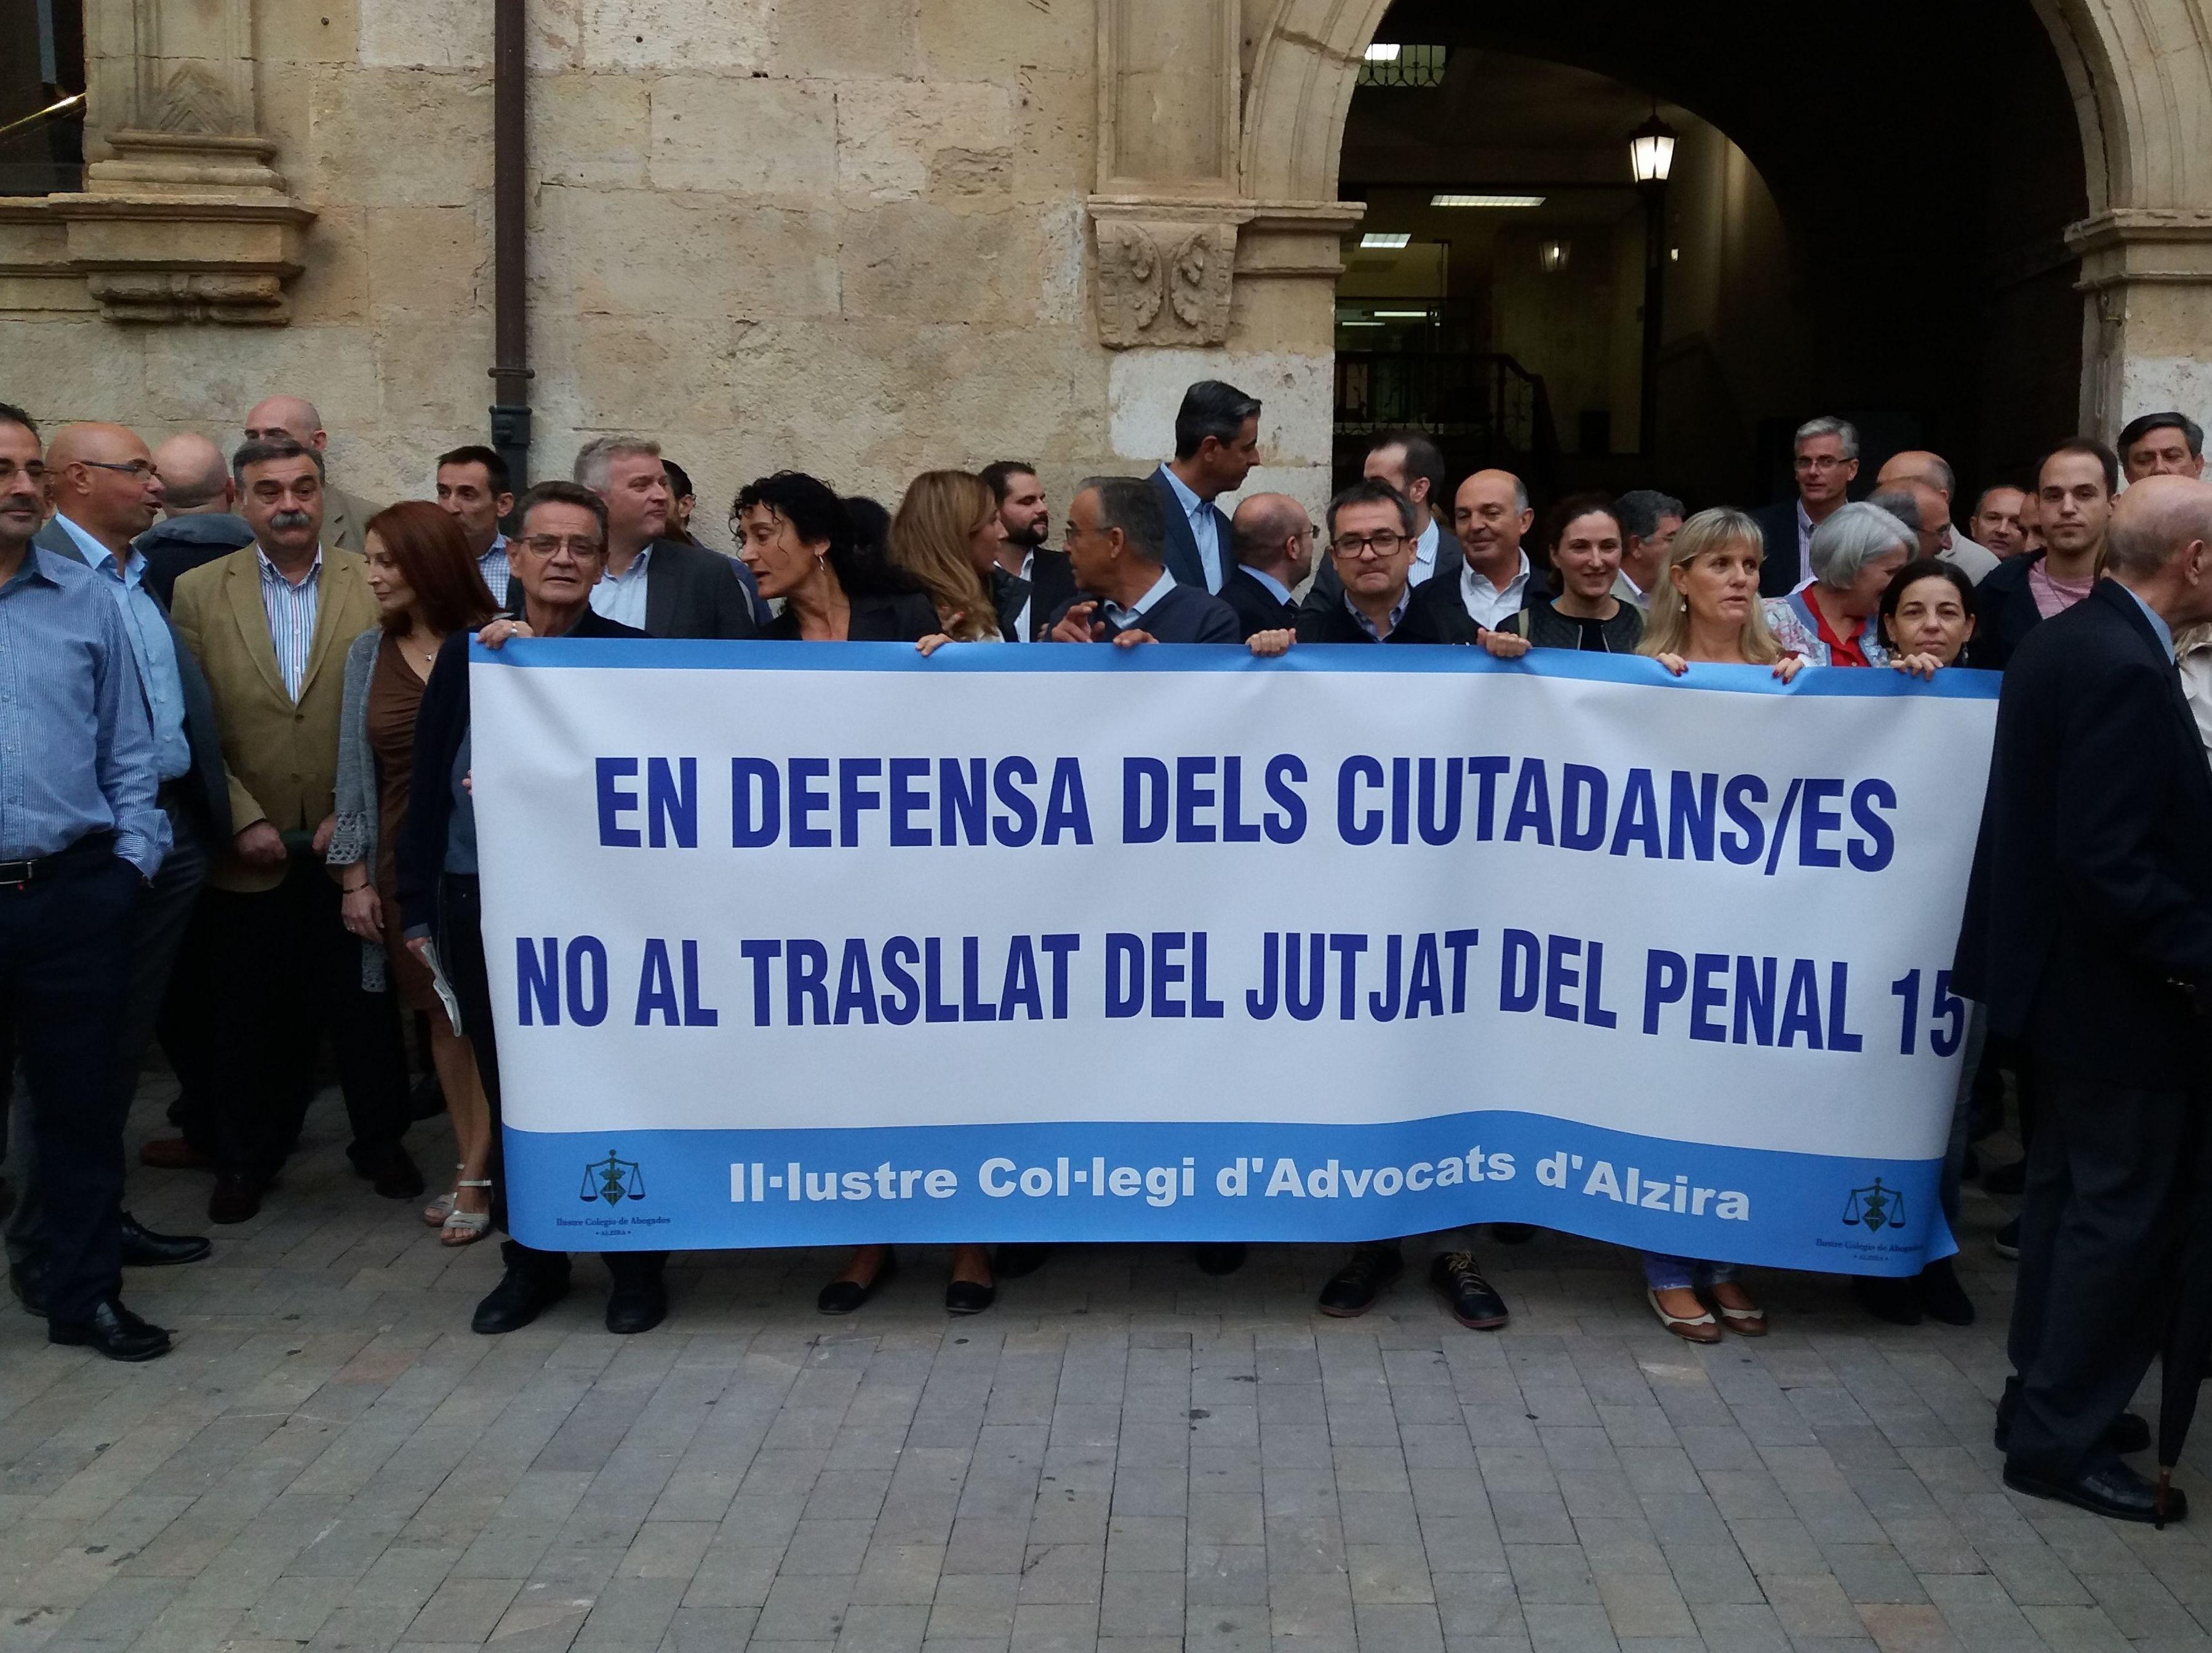 Concentracion contra Traslado Juzgado Penal 15 a la ciudad de Valencia...perdemos todos!!!